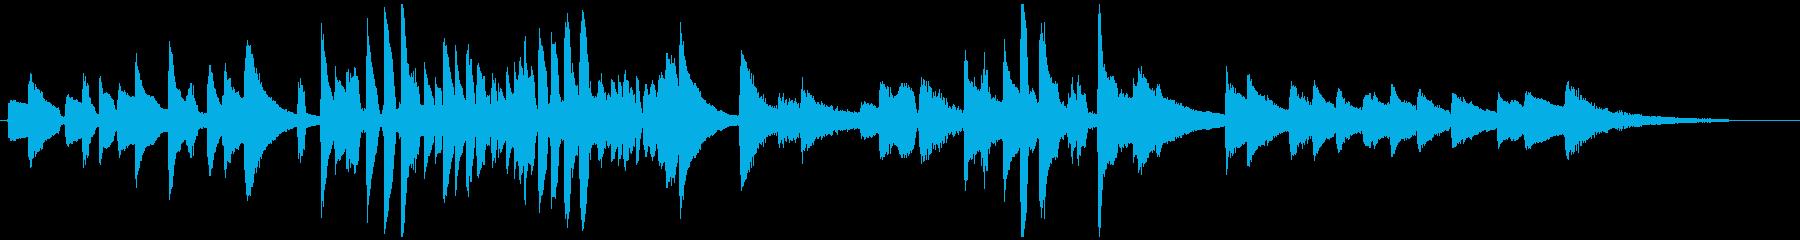 古典的なラウンジジャズピアノの再生済みの波形